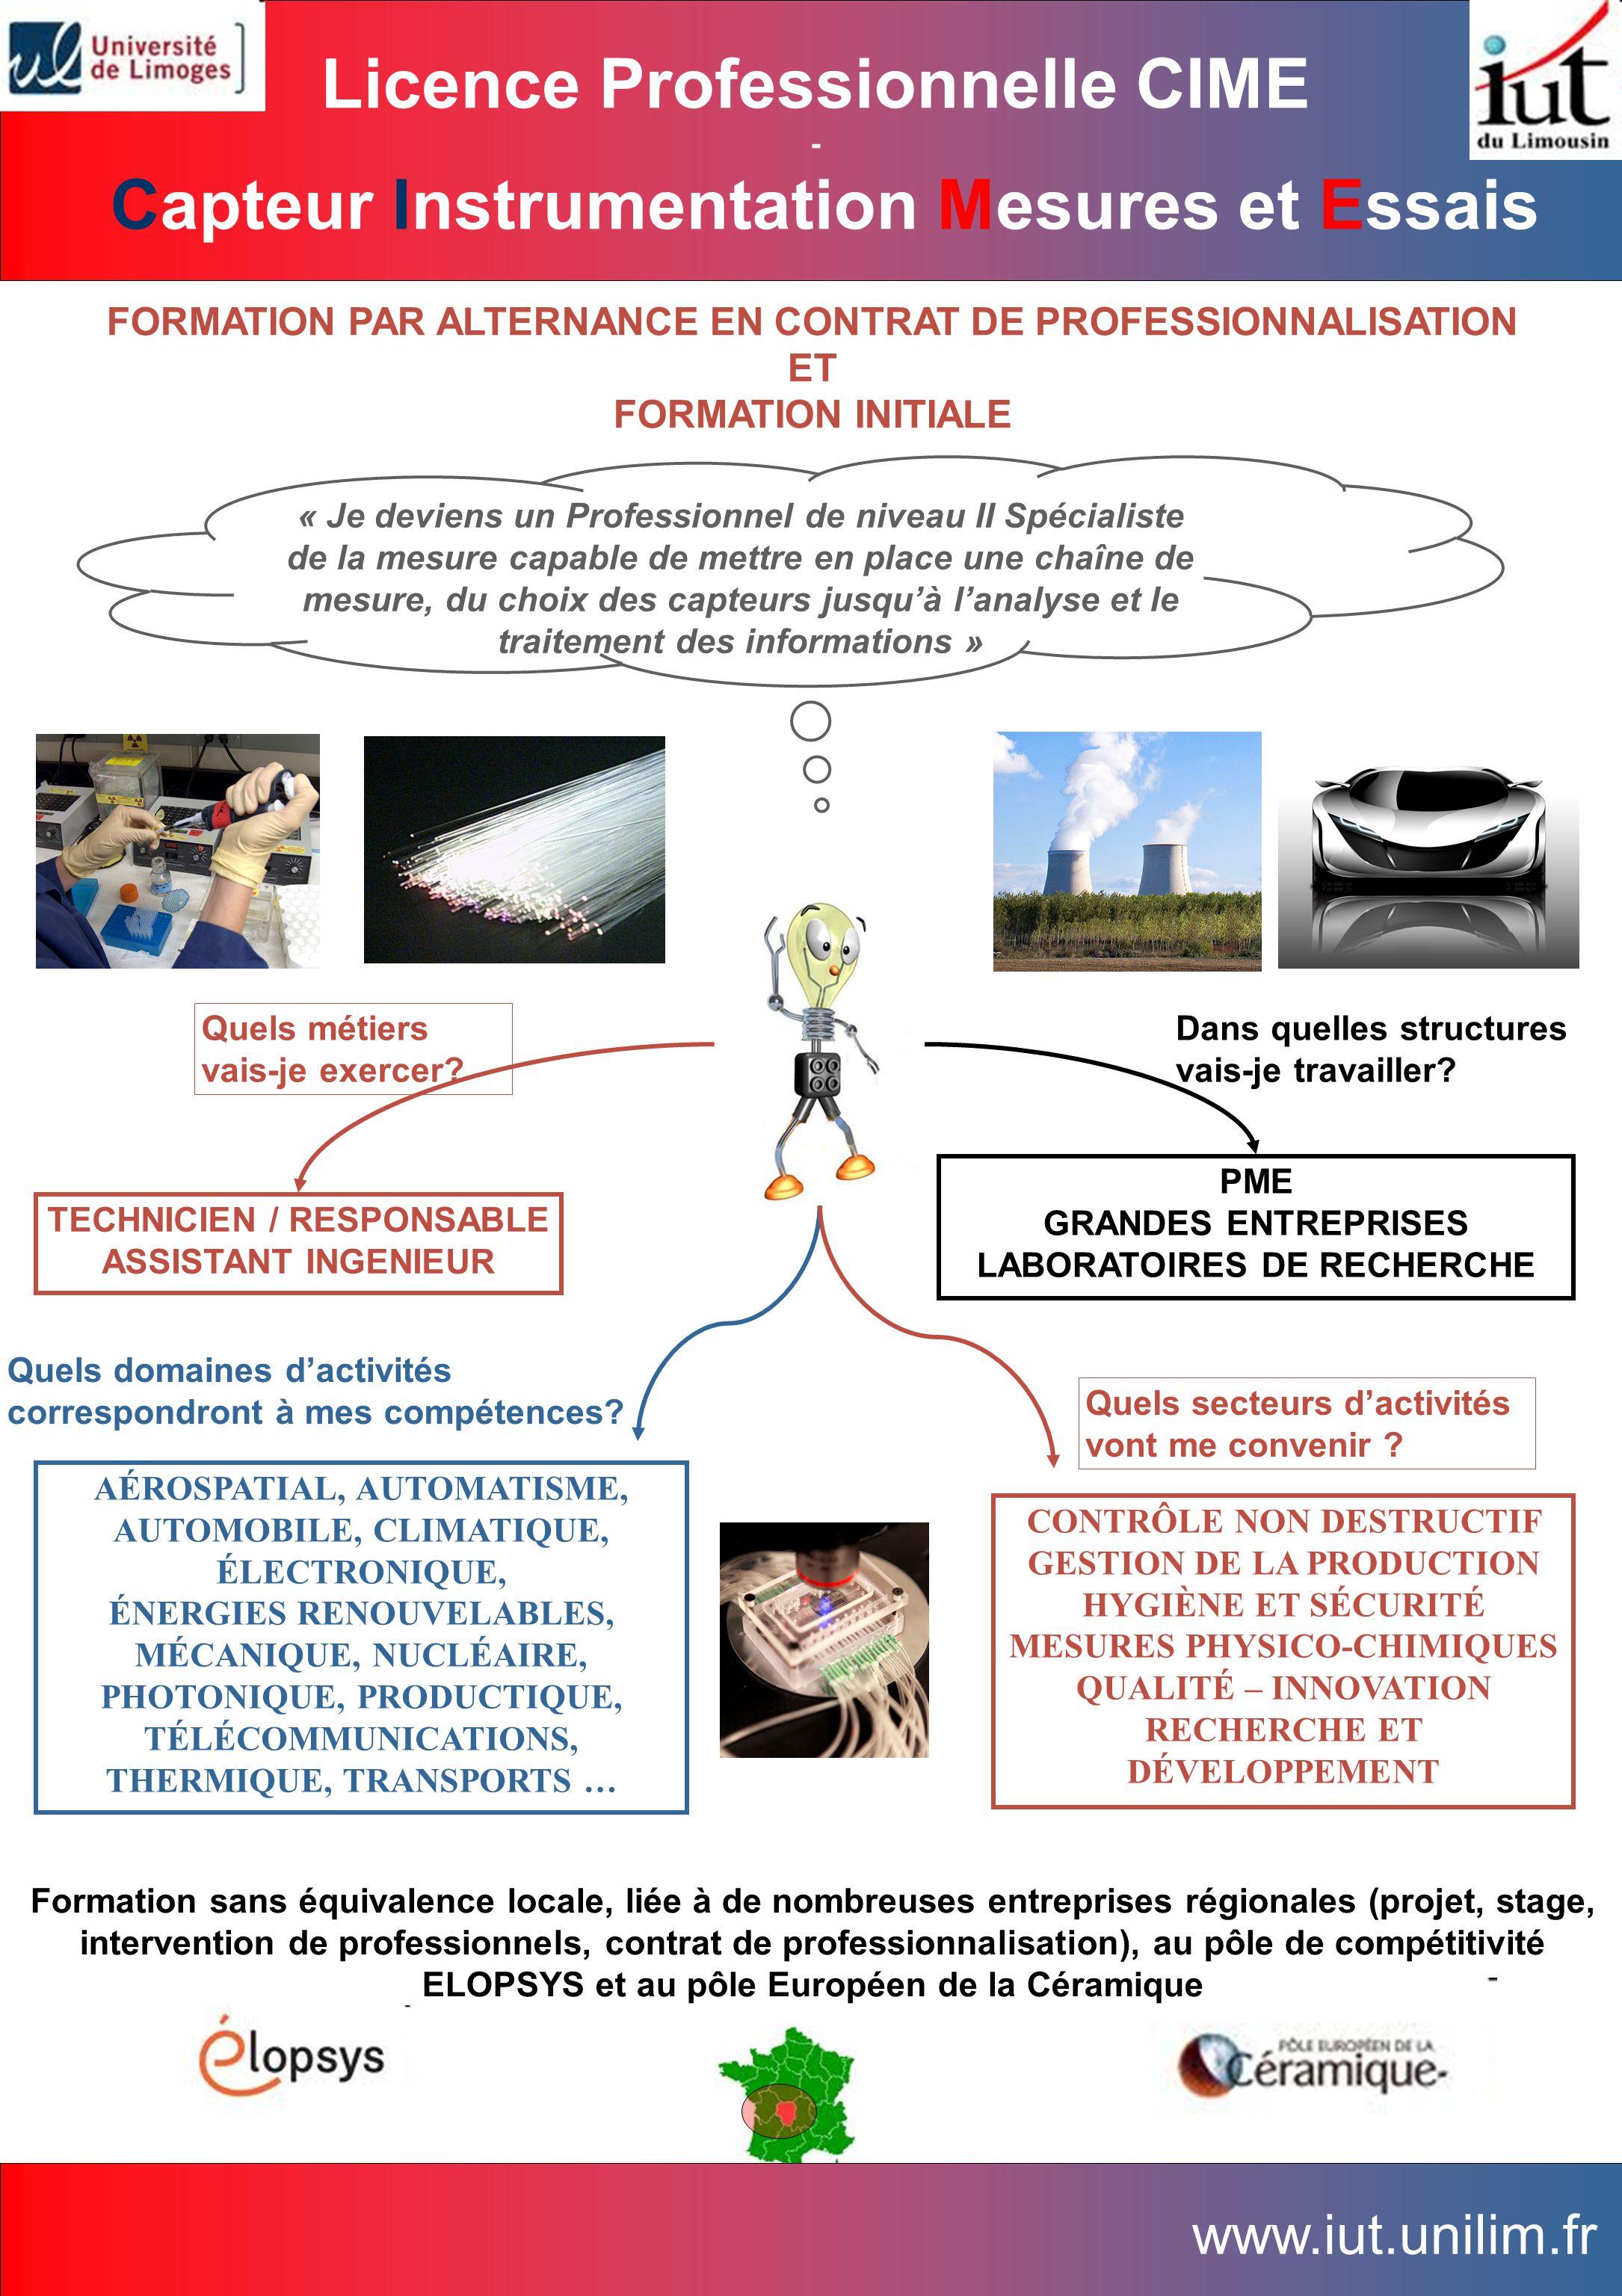 Licence Professionnelle CIME Capteur Instrumentation Mesures et Essais